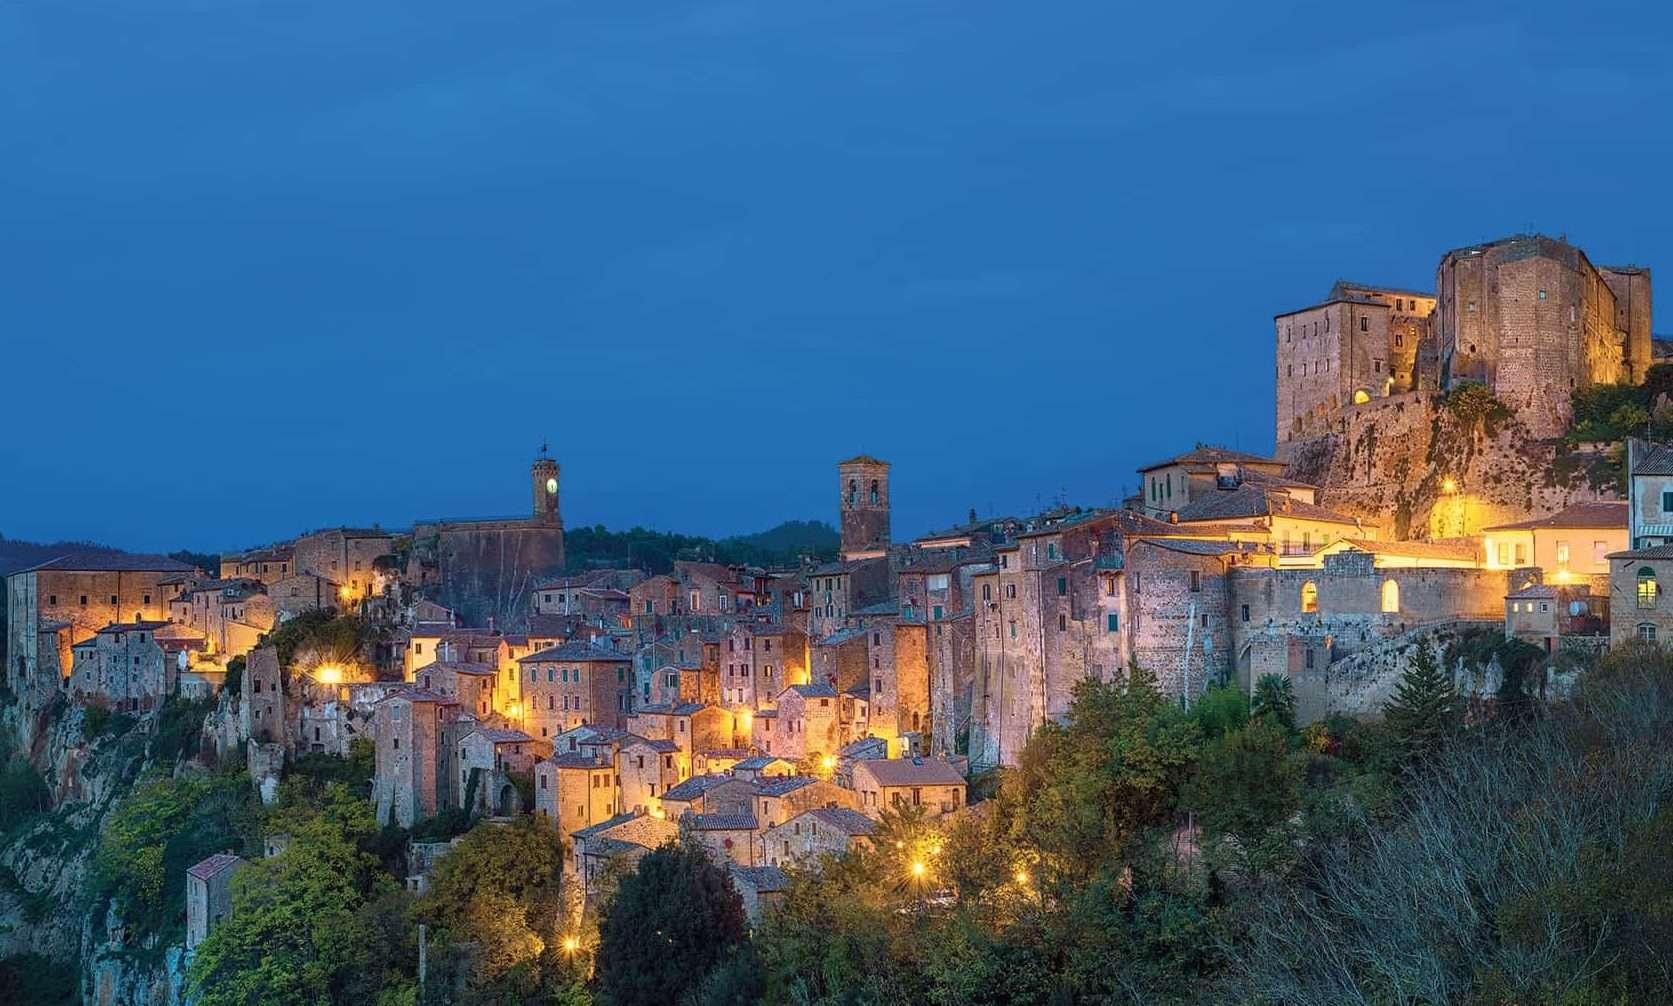 Sorano - © Vaghis - viaggi & turismo Italia Tutti i diritti riservati